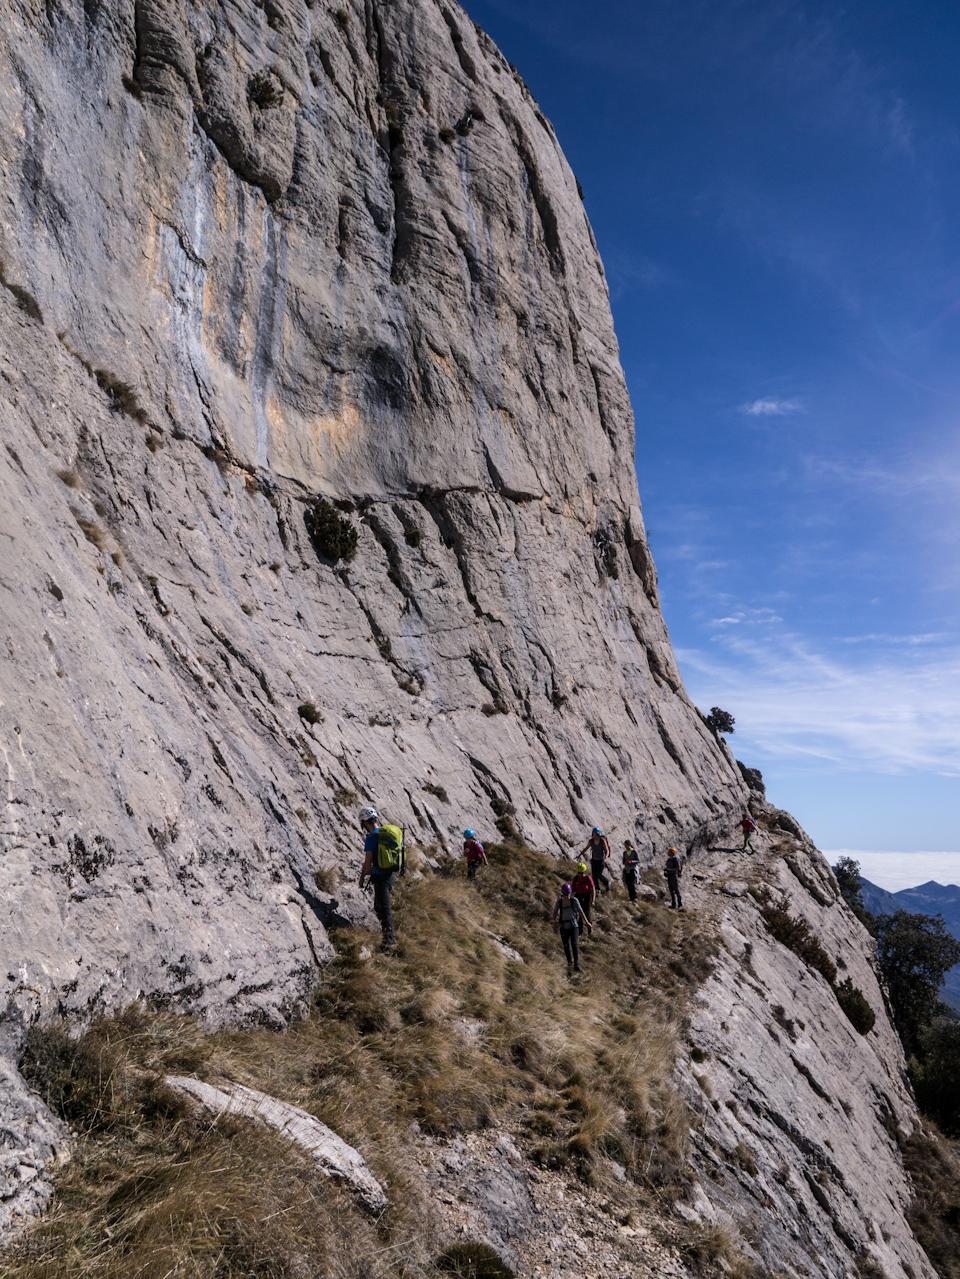 Feixa entre verticals parets per sota i també per sobre